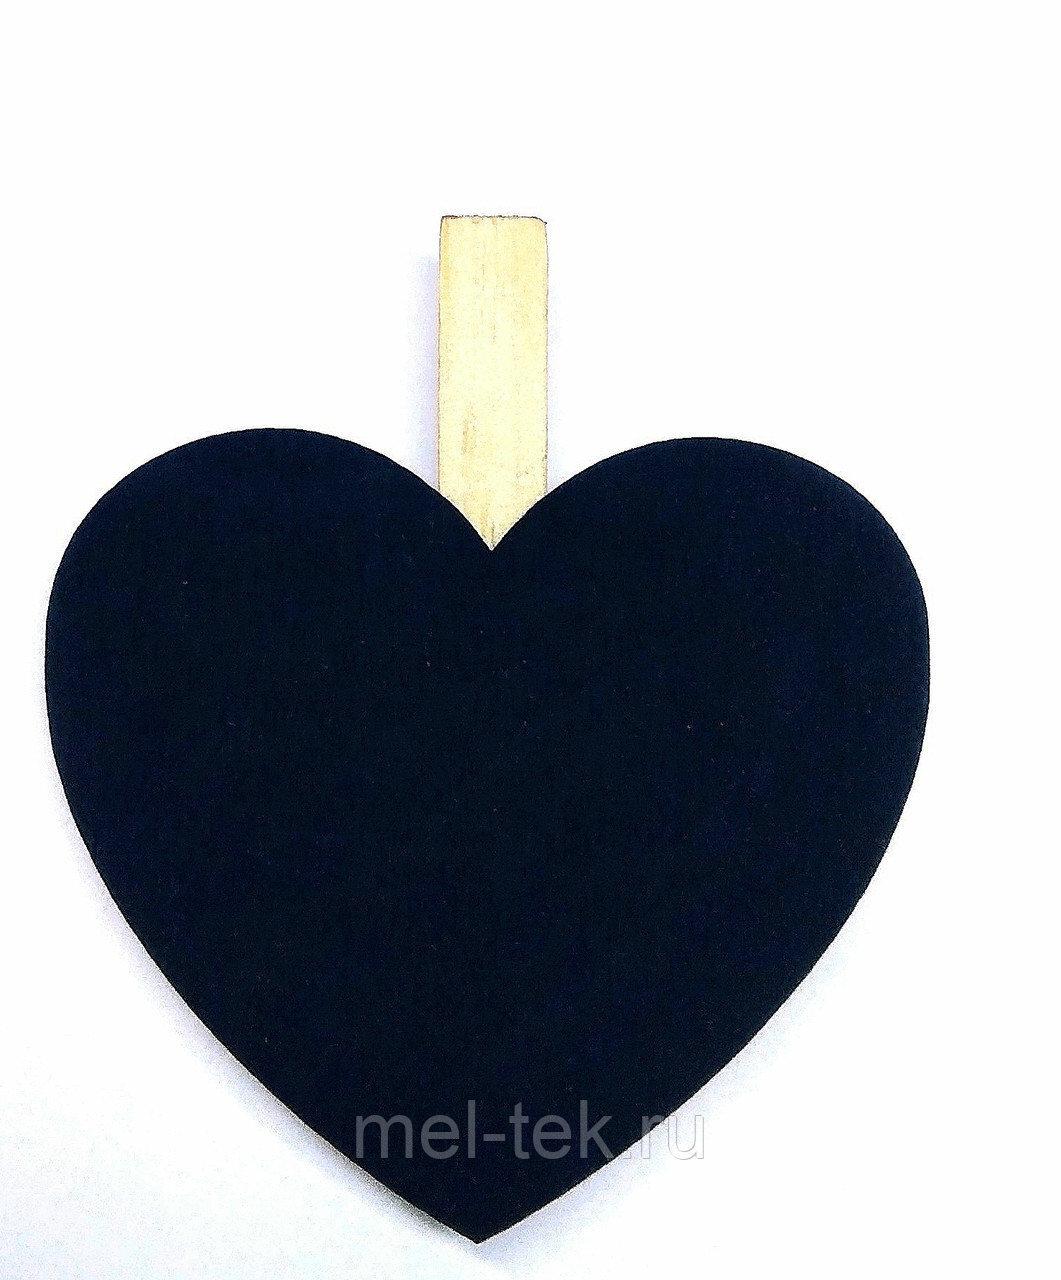 """Ценник меловой на прищепке  """"Сердце"""""""